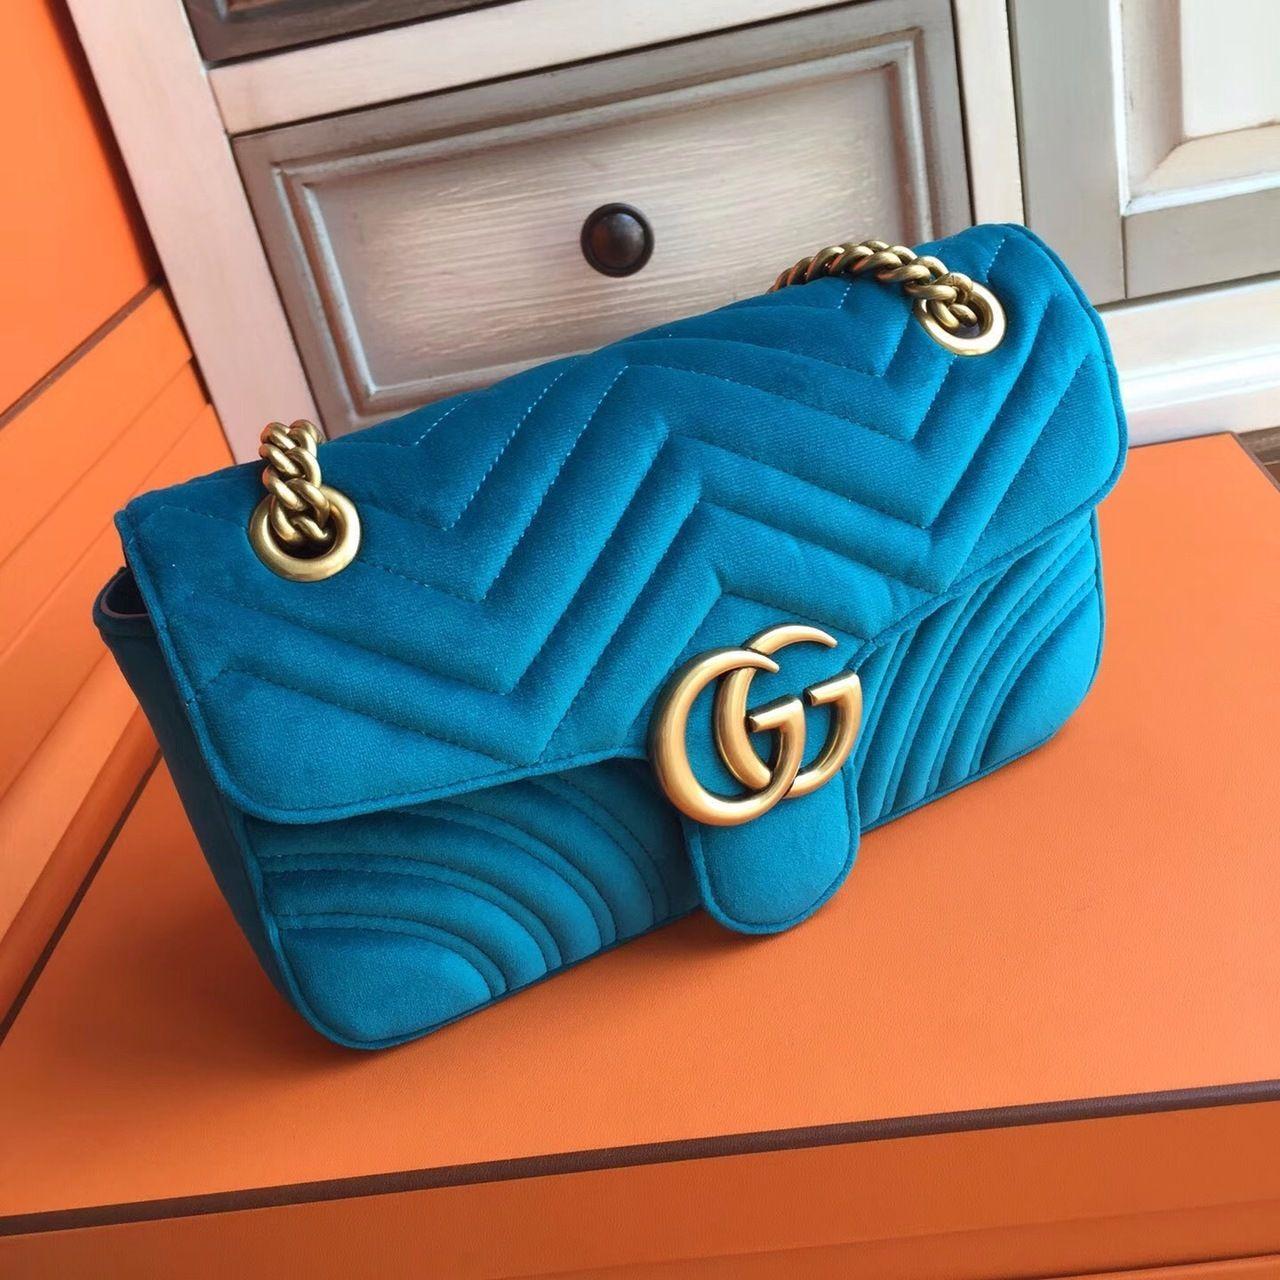 Gucci GG Large Marmont velvet shoulder bag Blue in 2019